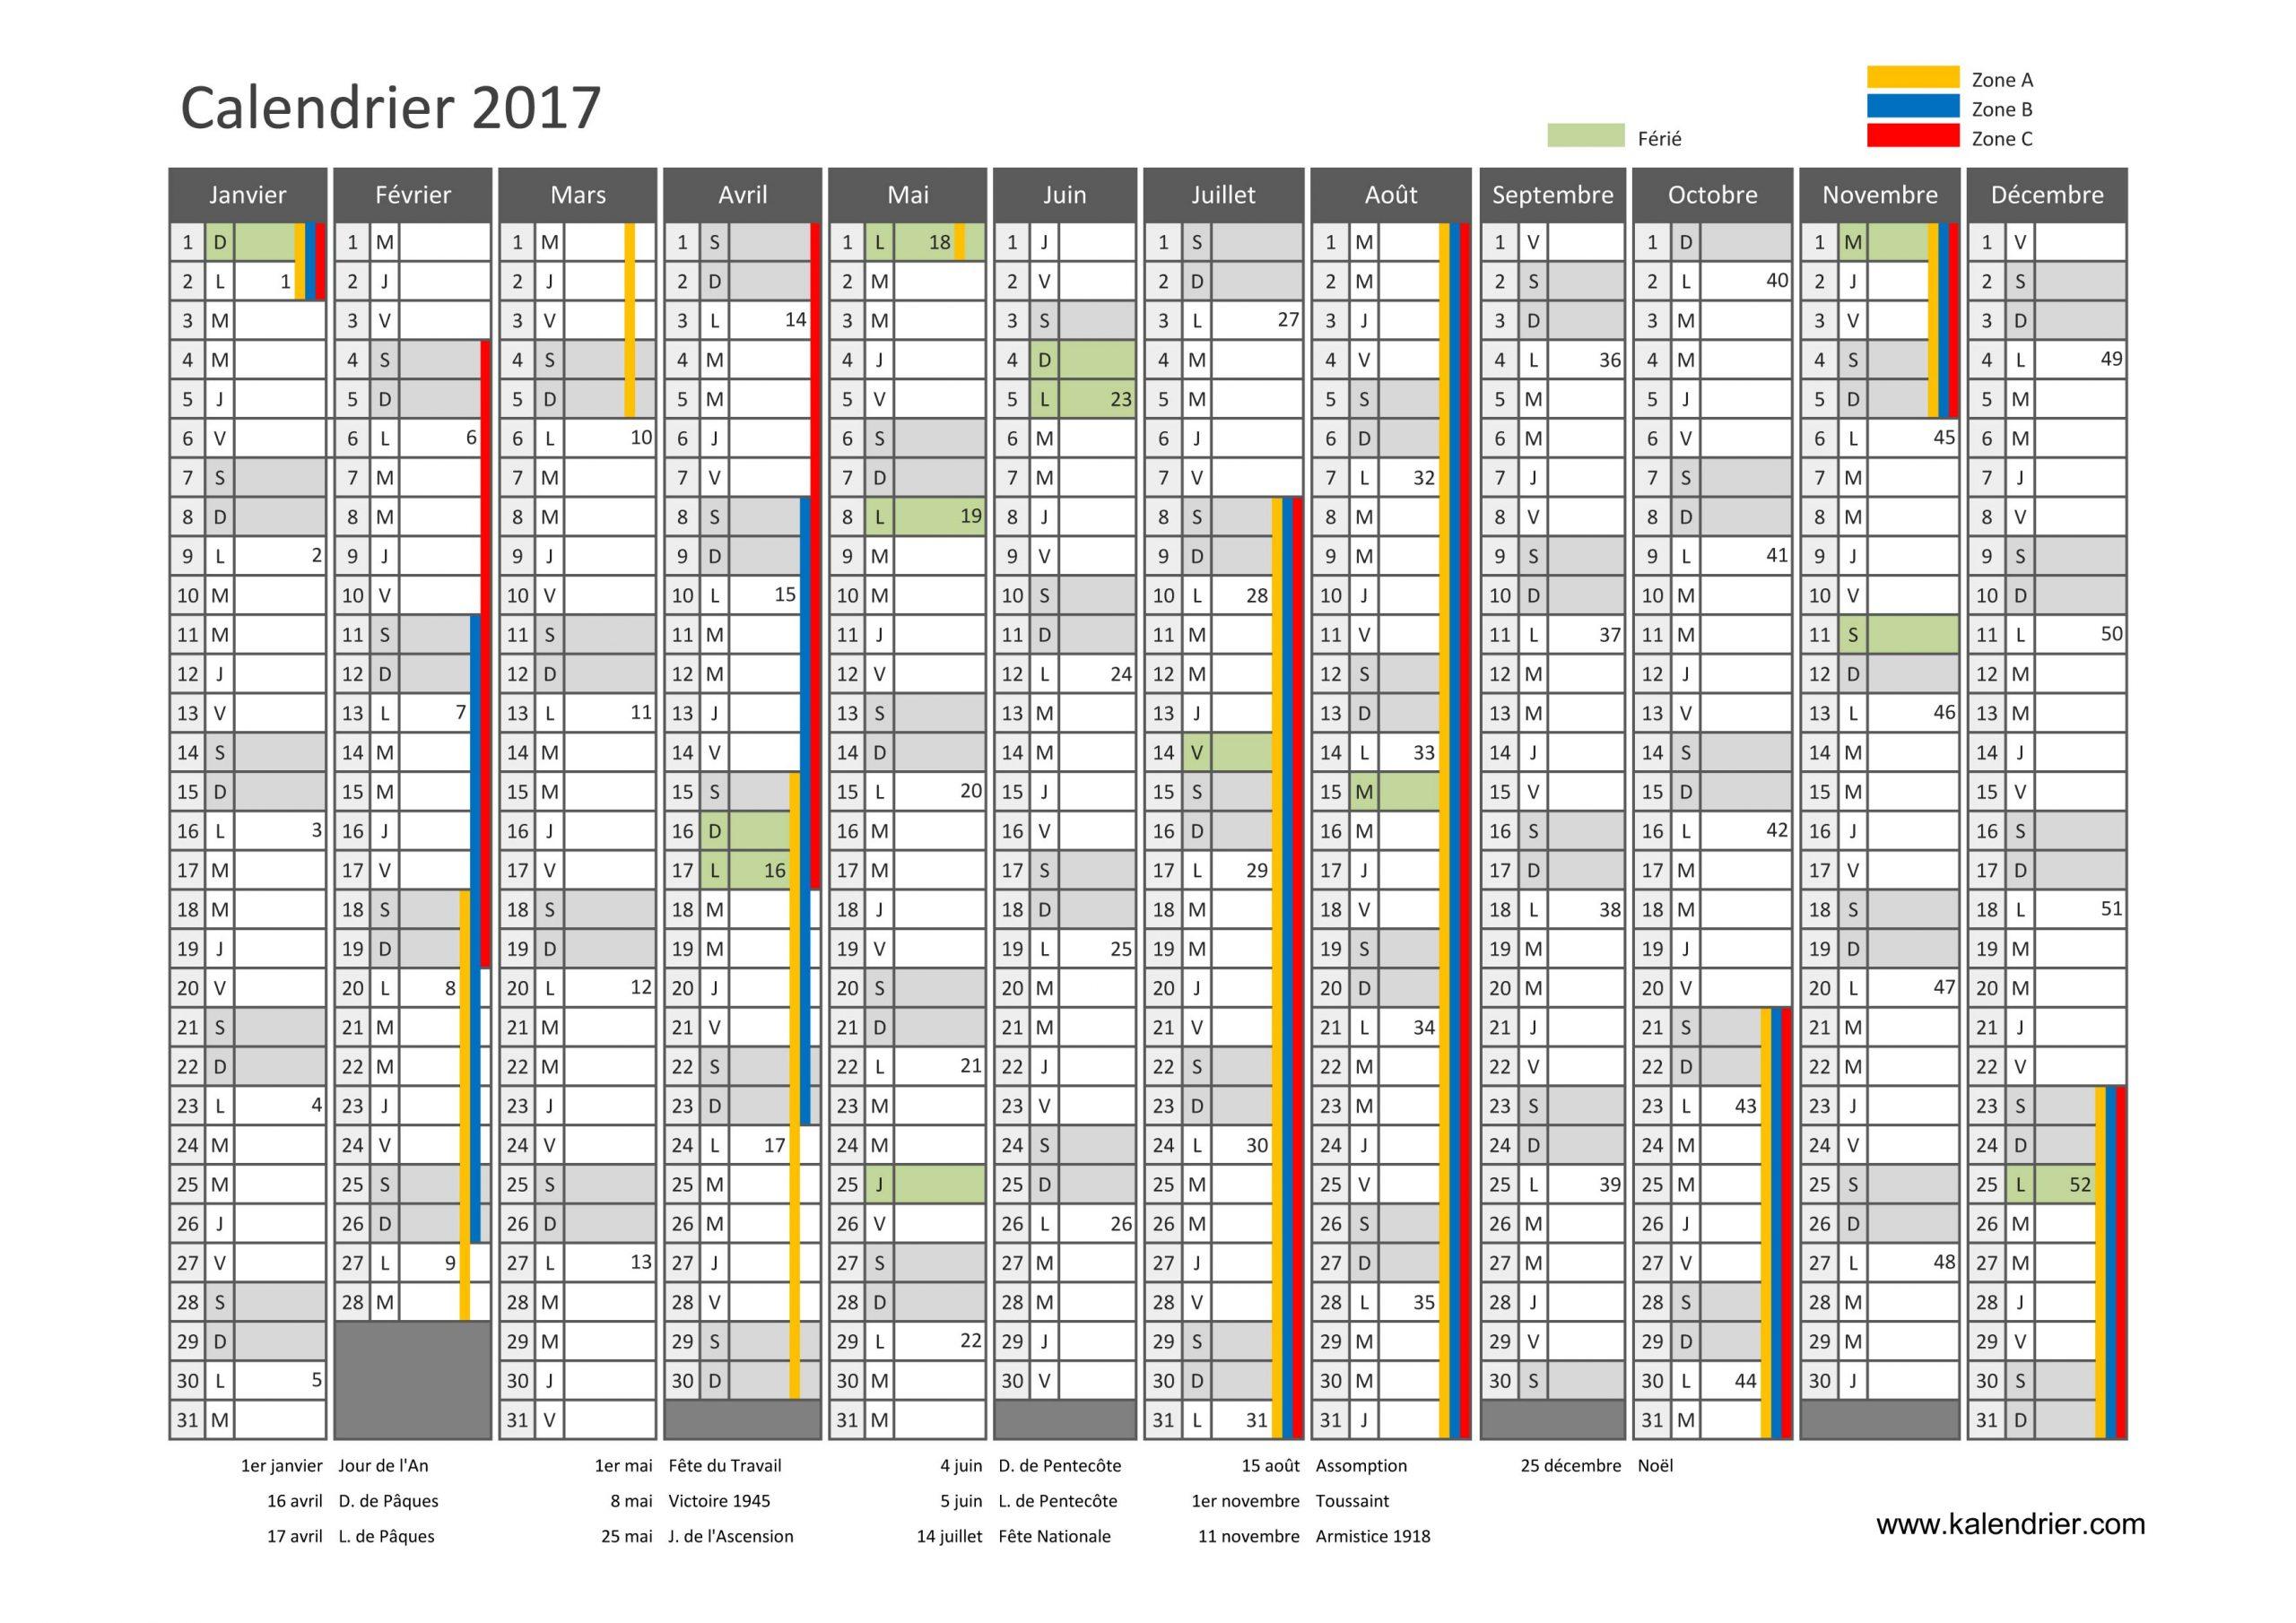 Imprimer Calendrier 2017 Gratuitement - Pdf, Xls Et Jpg tout Calendrier Annuel 2018 À Imprimer